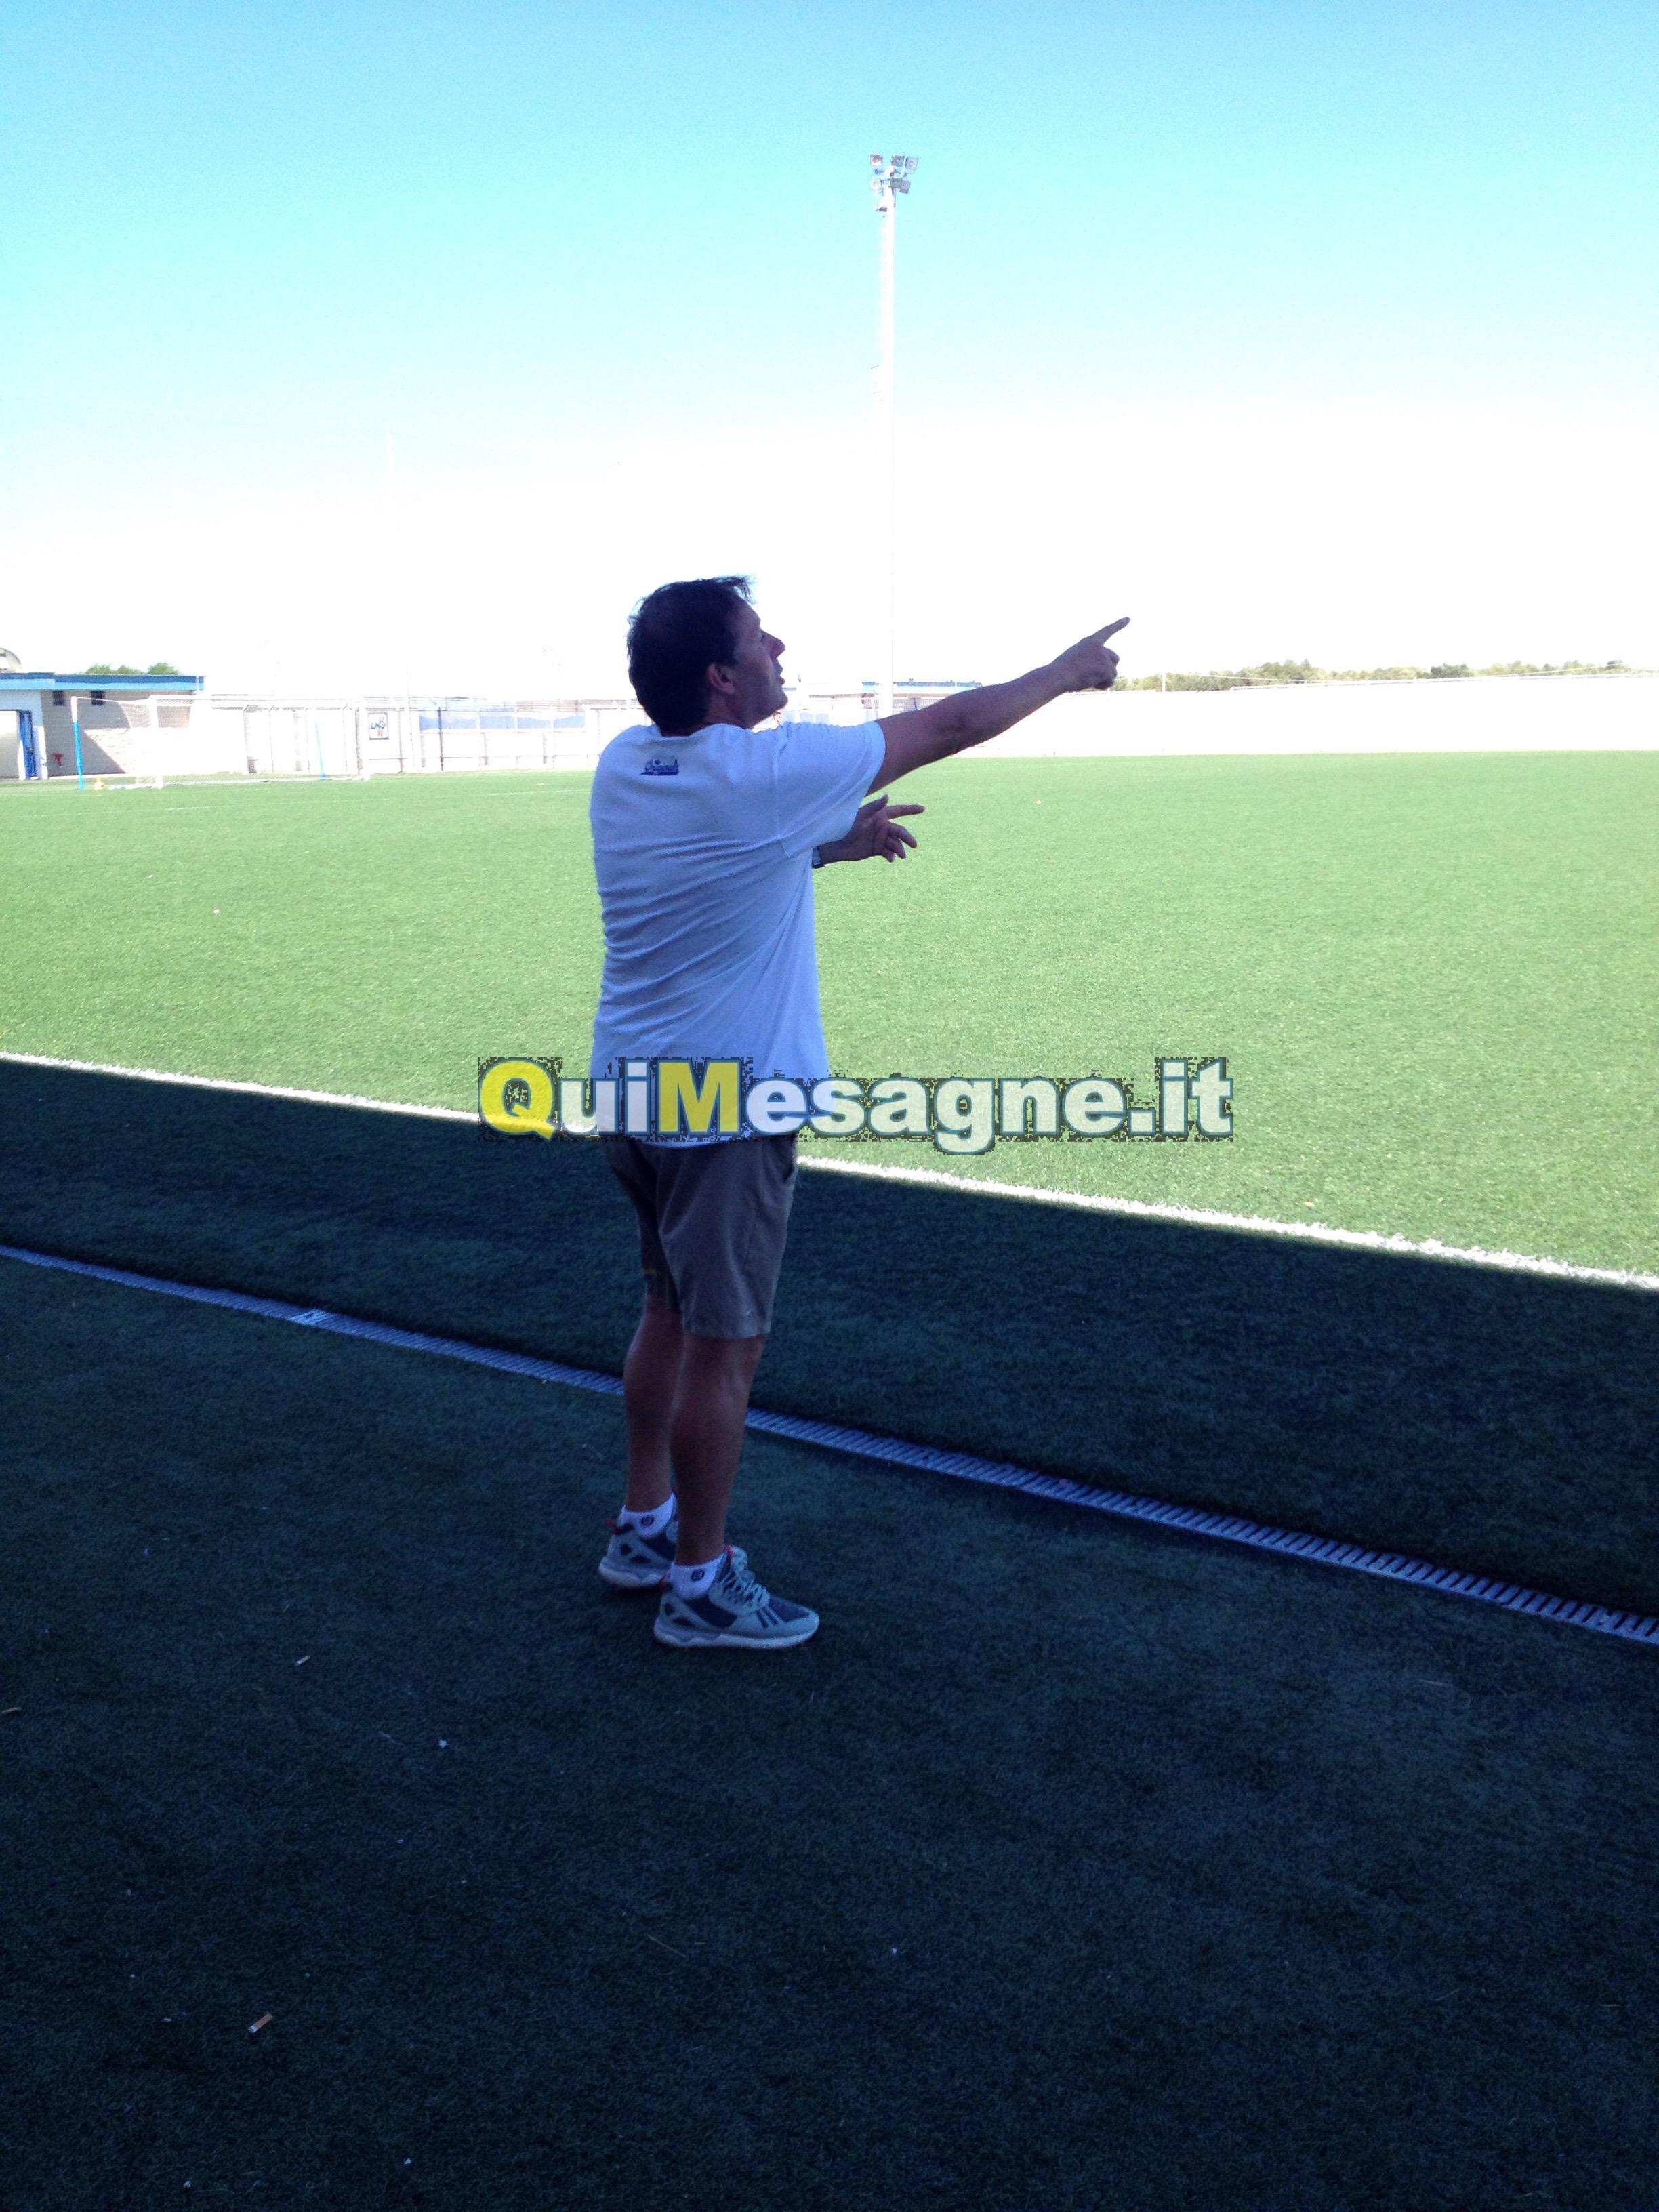 Mesagne calcio, Gianni Danieli non è più l'allenatore dei gialloblù.